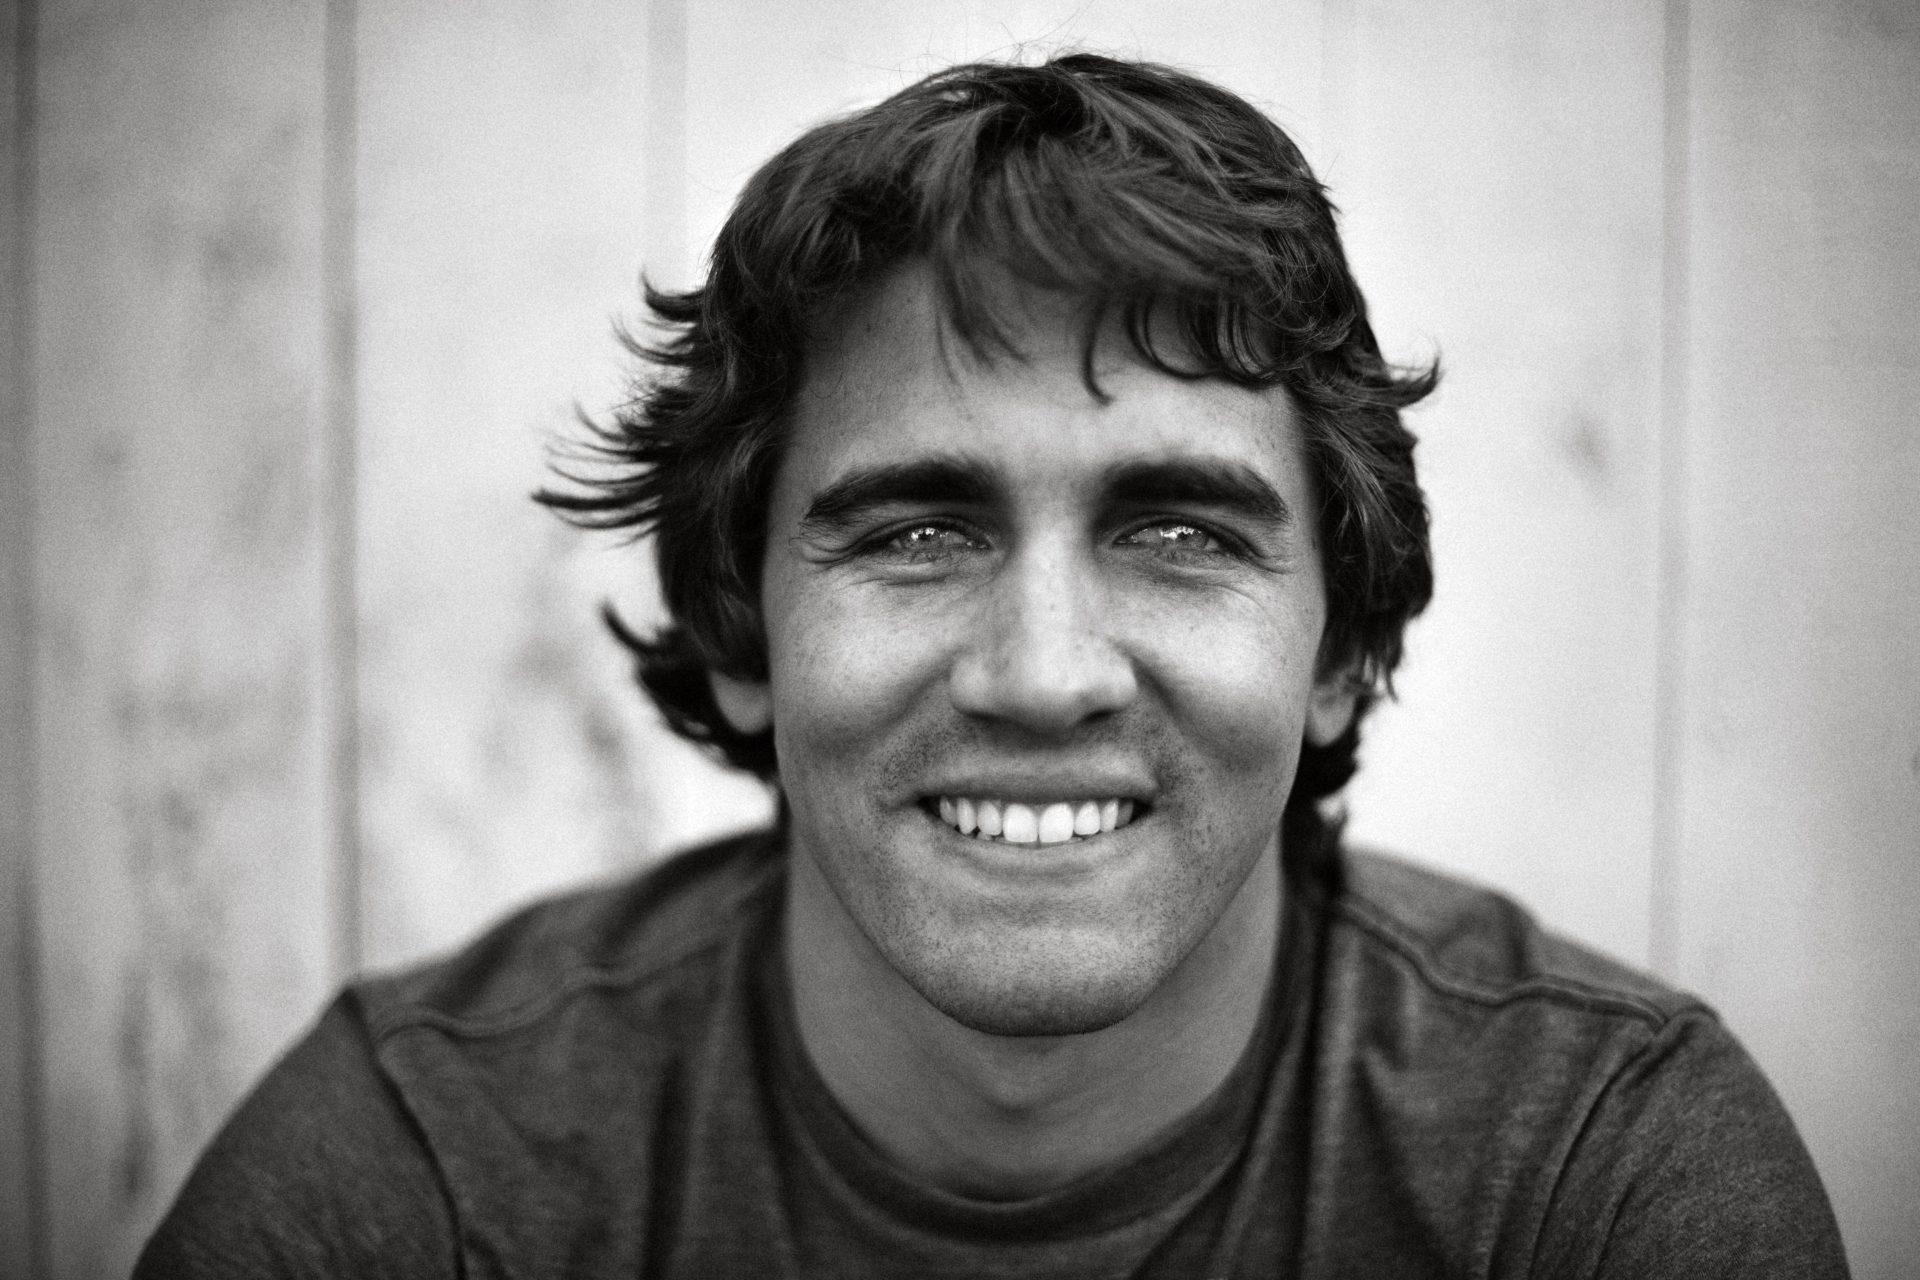 Big wave surfing legend Greg Long